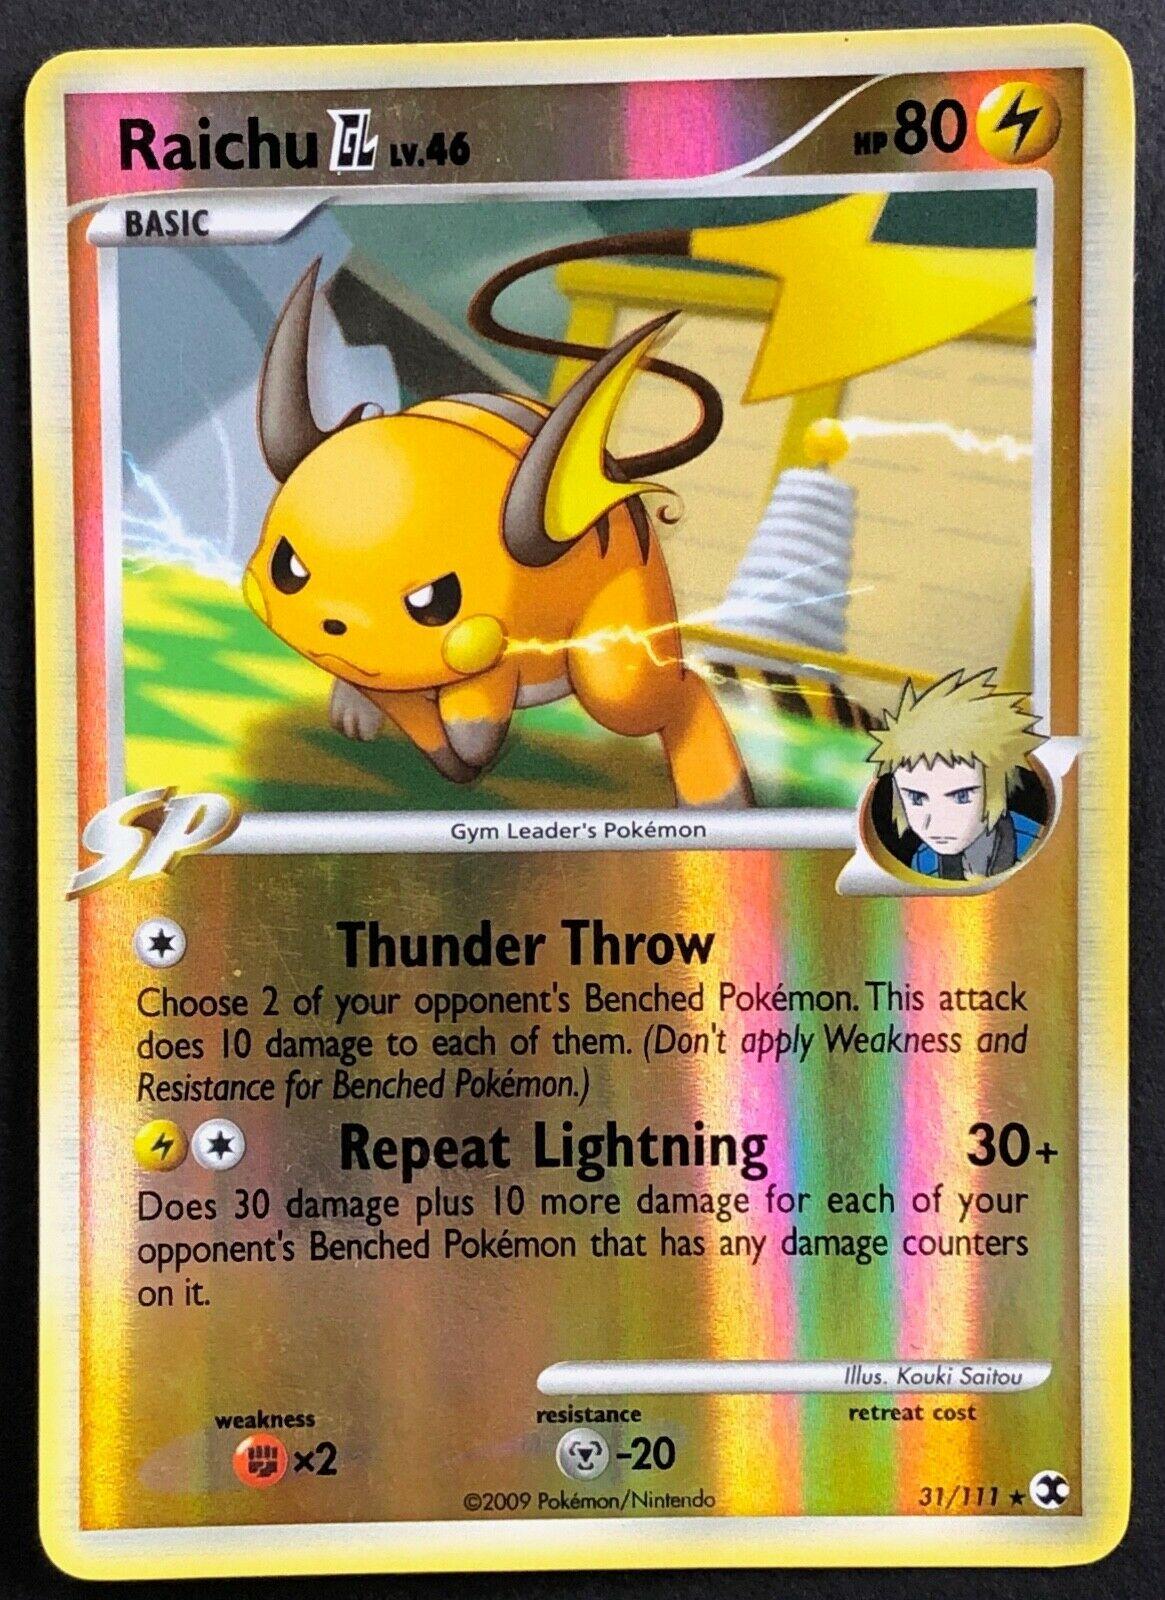 Http Www Pokemon Gl Com : pokemon, Raichu, Rising, Rivals, 31/111, Value:, [scrape_image:10] <script type=